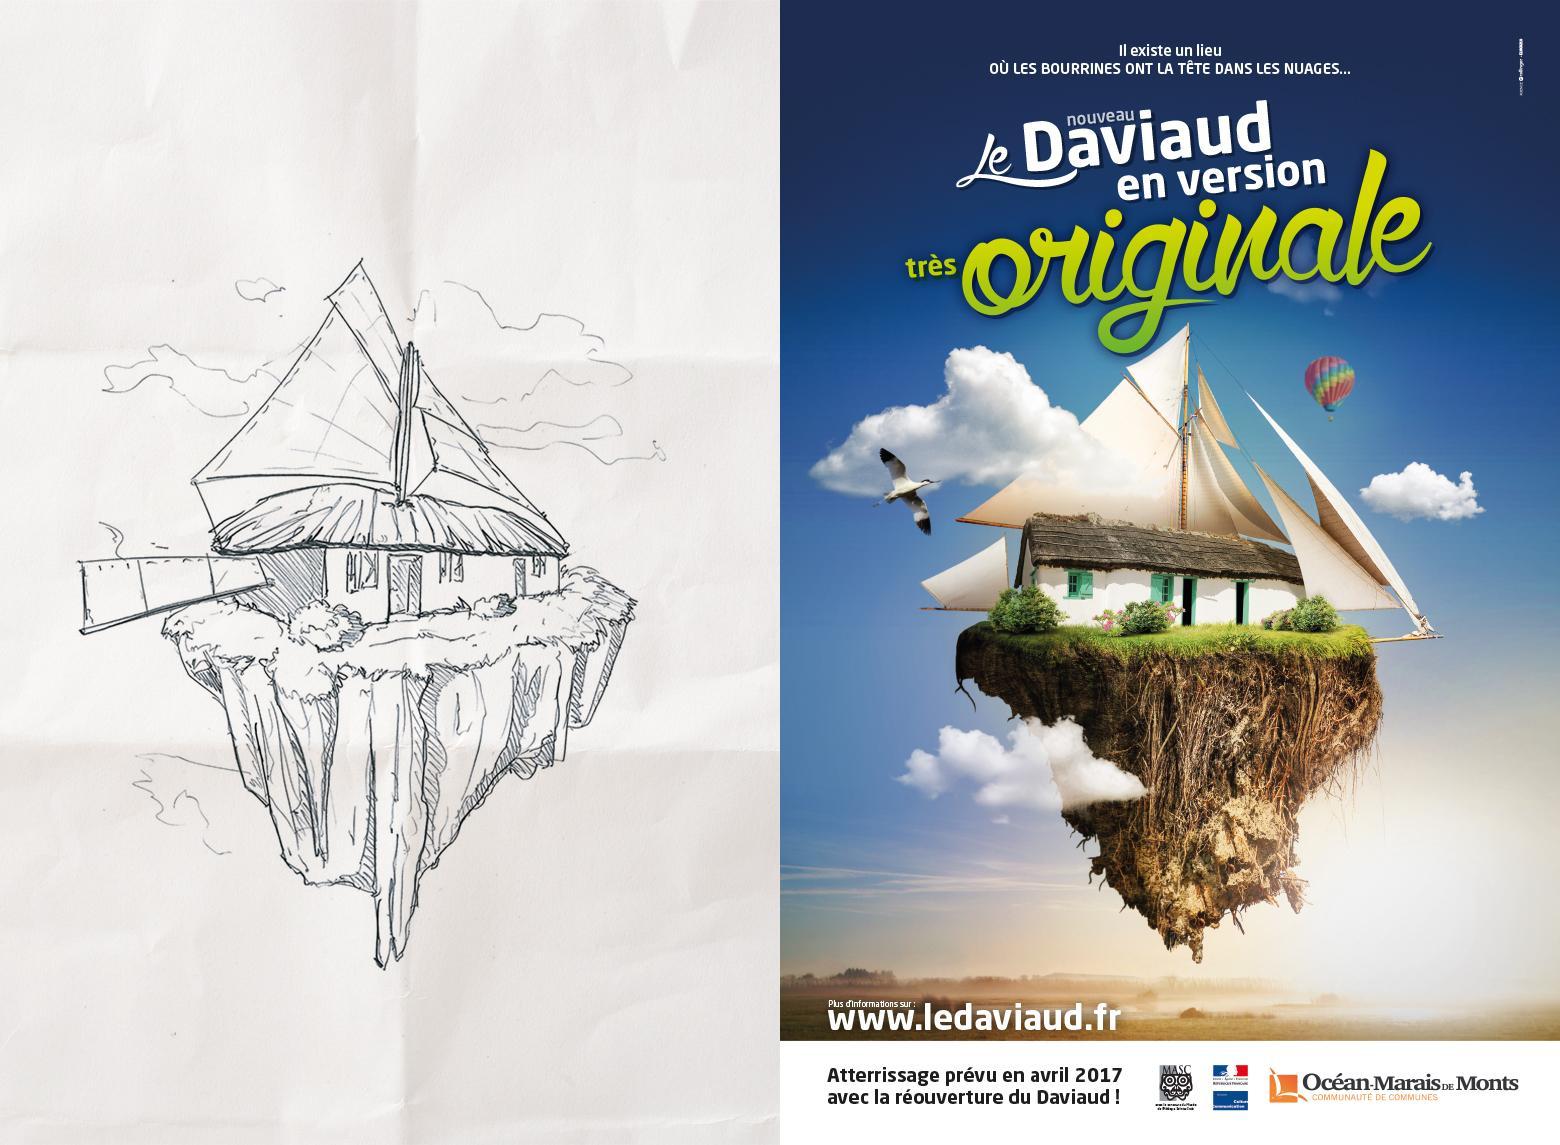 Visuel Daviaud 2